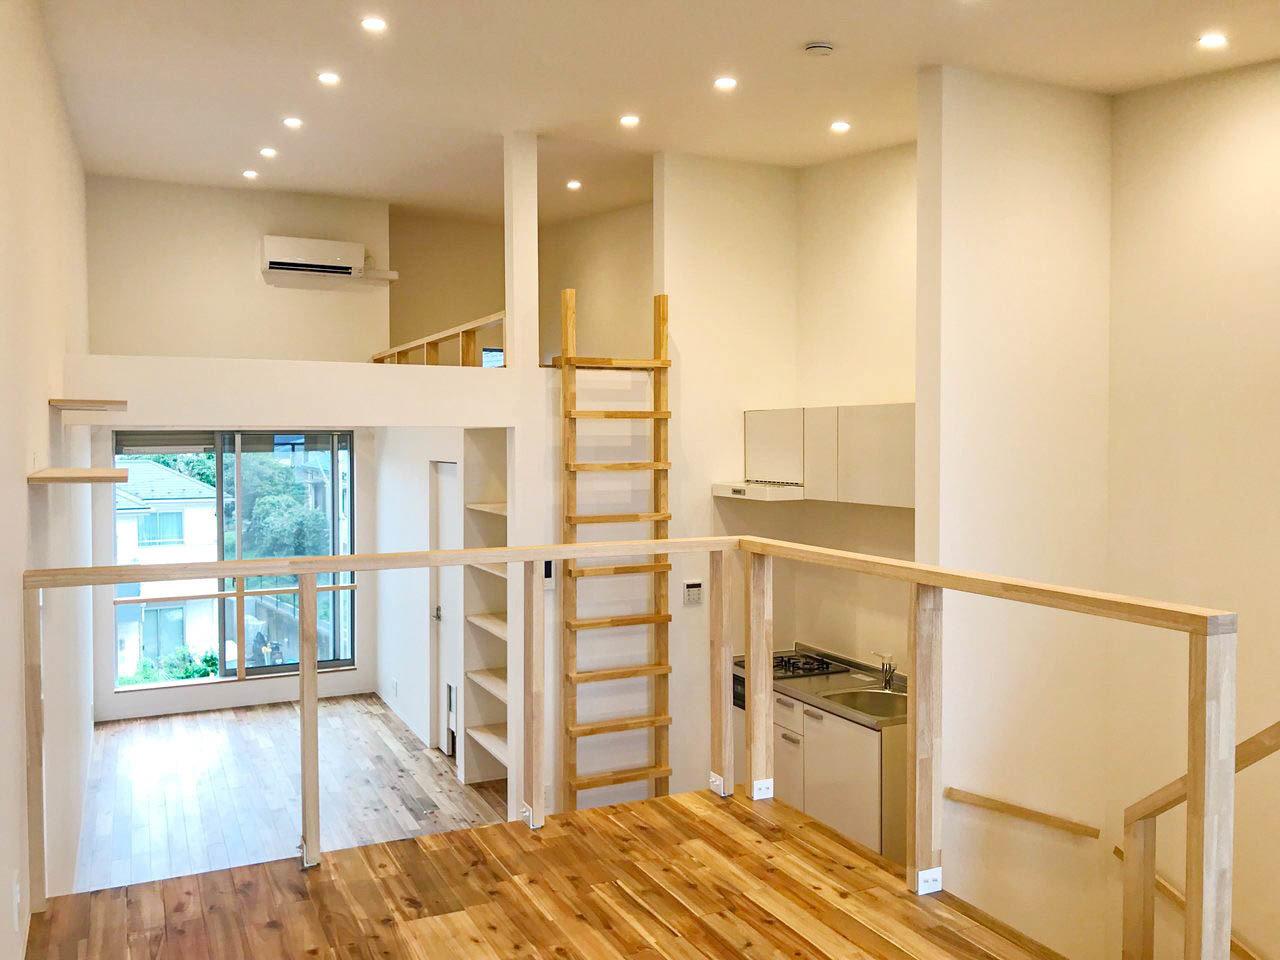 最後に紹介するのは、神奈川県の長後駅からバスで11分の所にあるお部屋。ワンルームですが、スキップフロアとロフトのある構造なので、お部屋がたくさんあるみたいで面白い造りになっています。